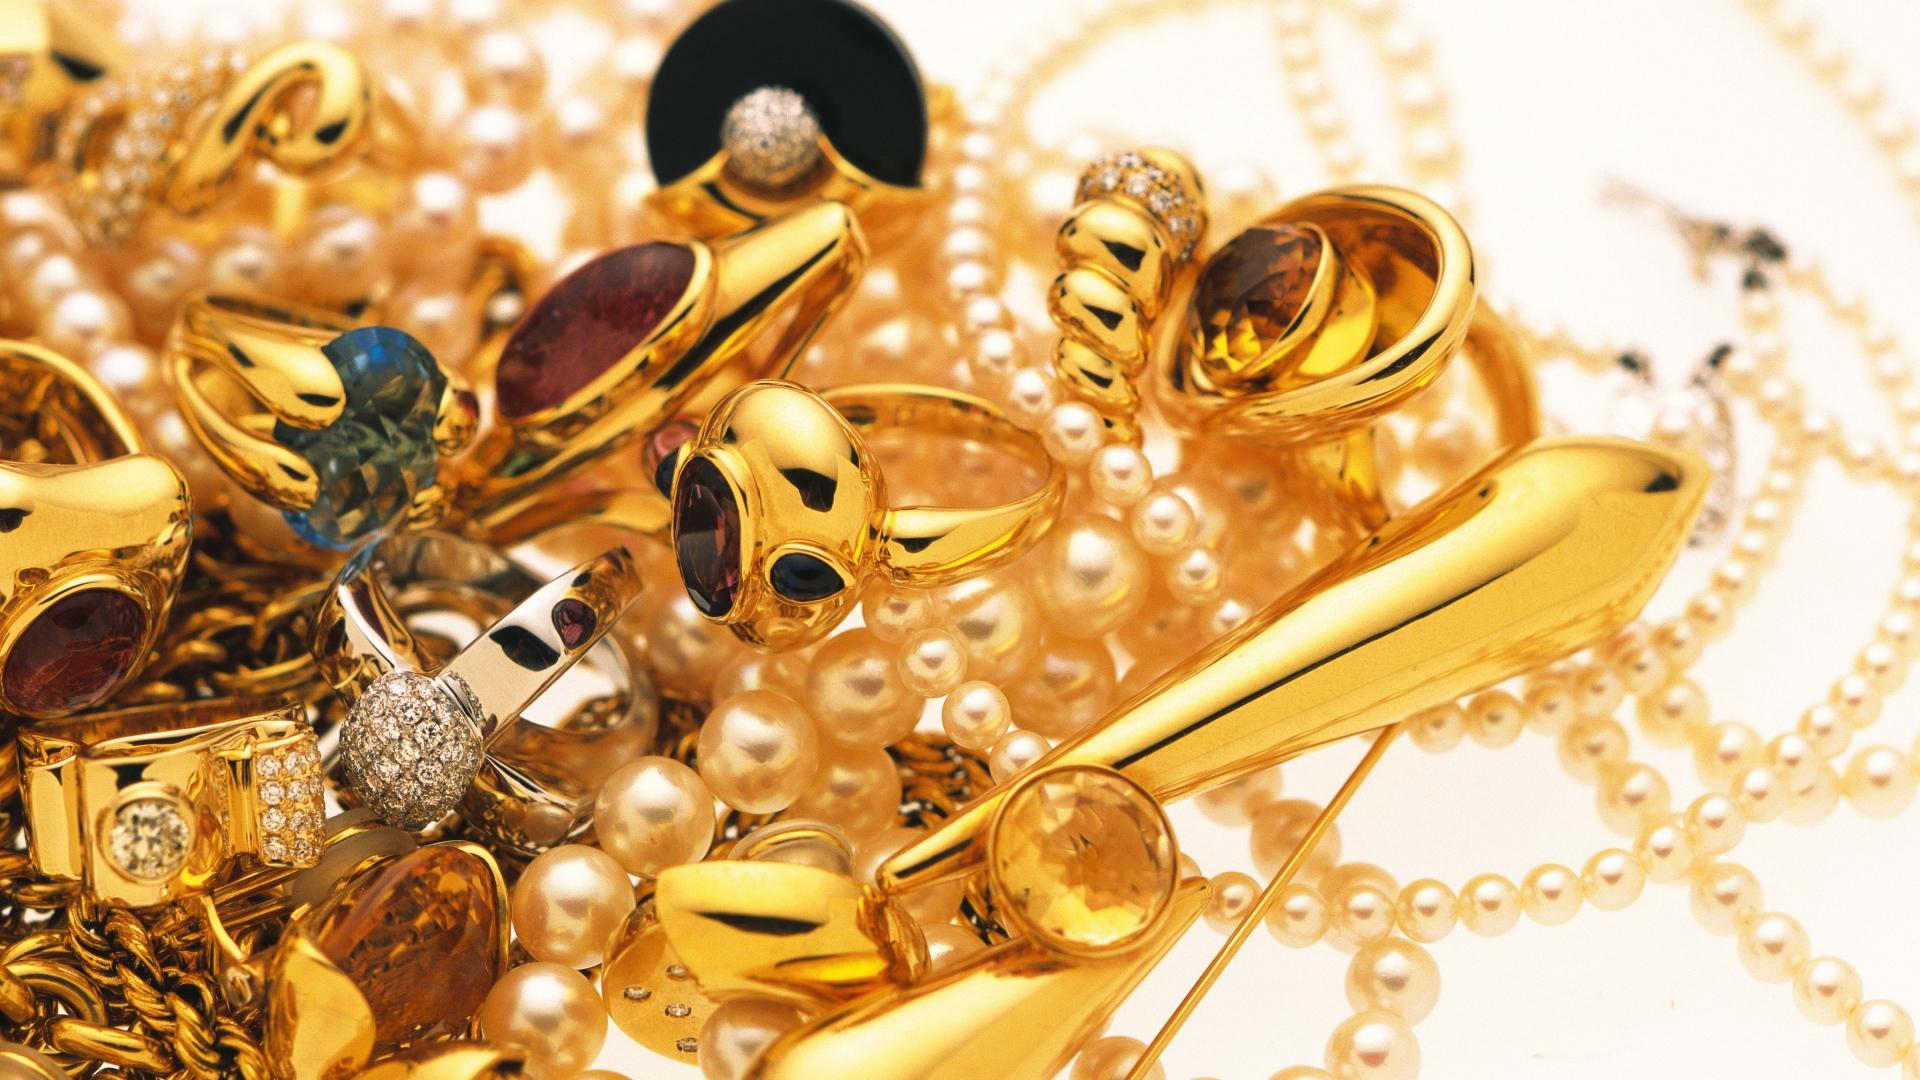 Ilin sonuna qızılın qiymətinin ucuzlaşacağı gözlənilir